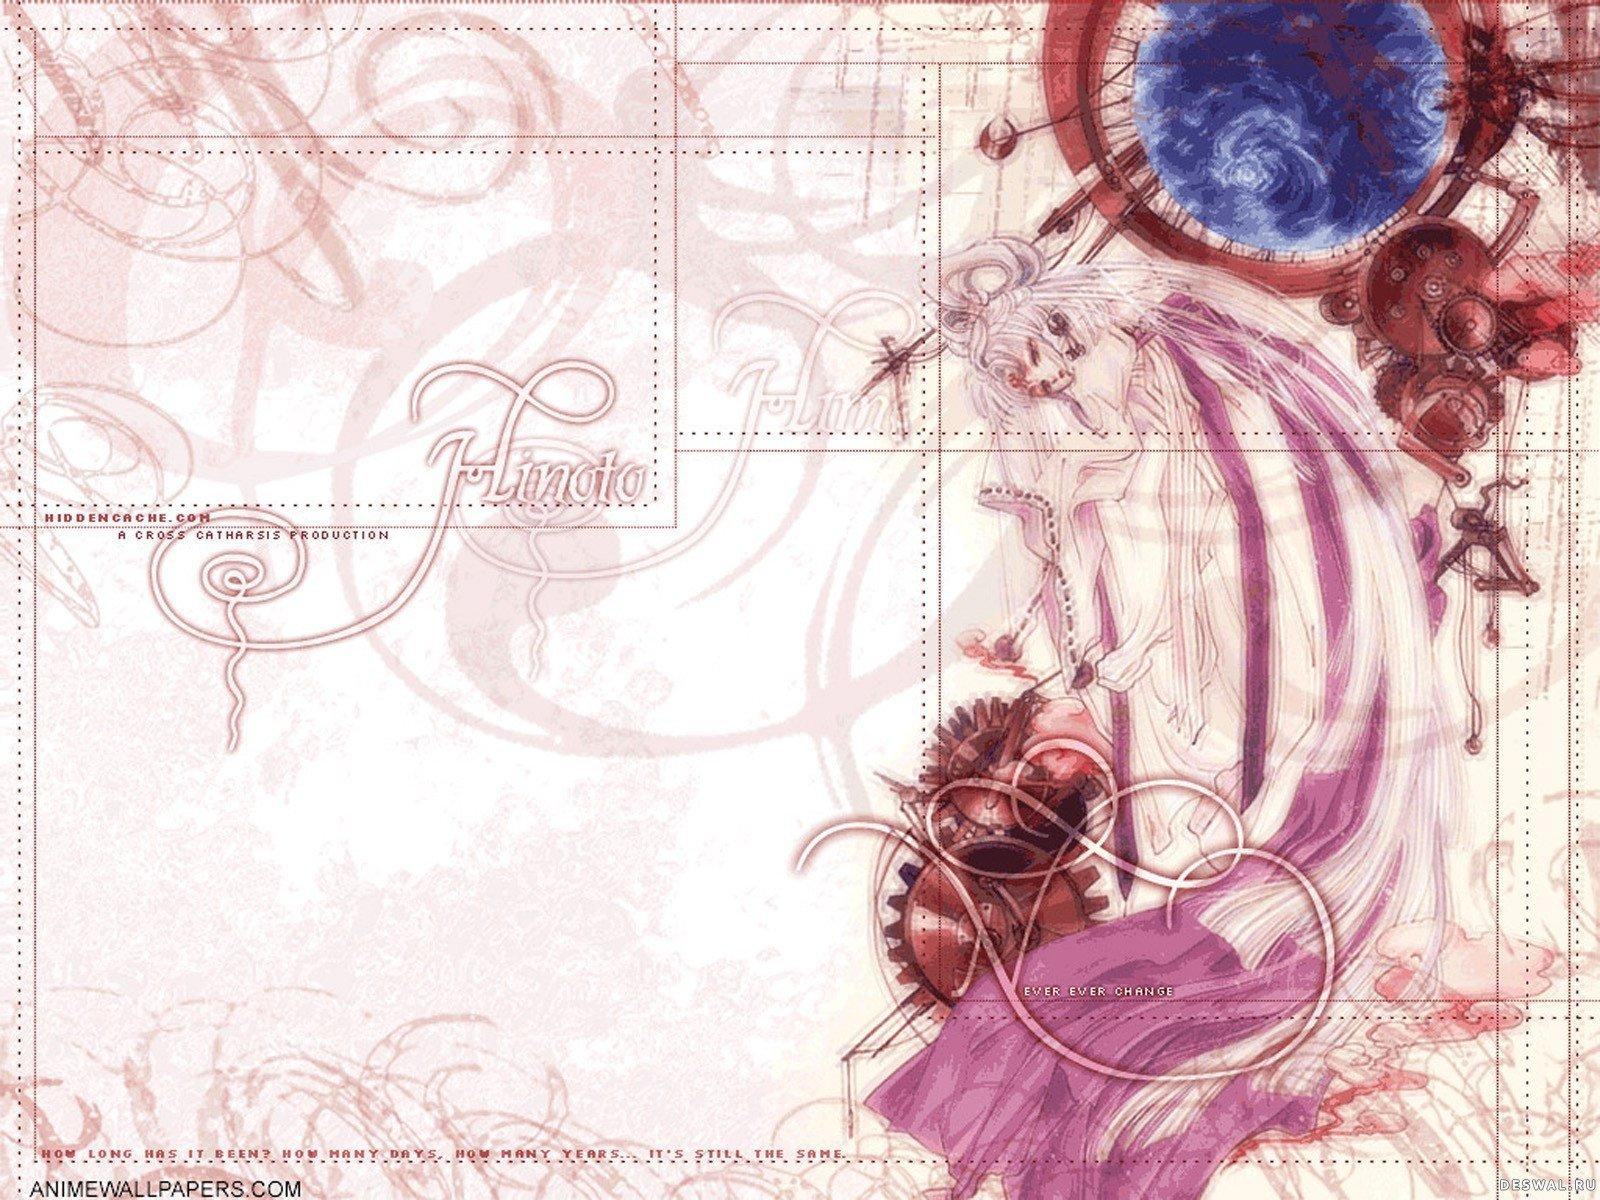 Фото 166.. Нажмите на картинку с аниме обоями, чтобы просмотреть ее в реальном размере